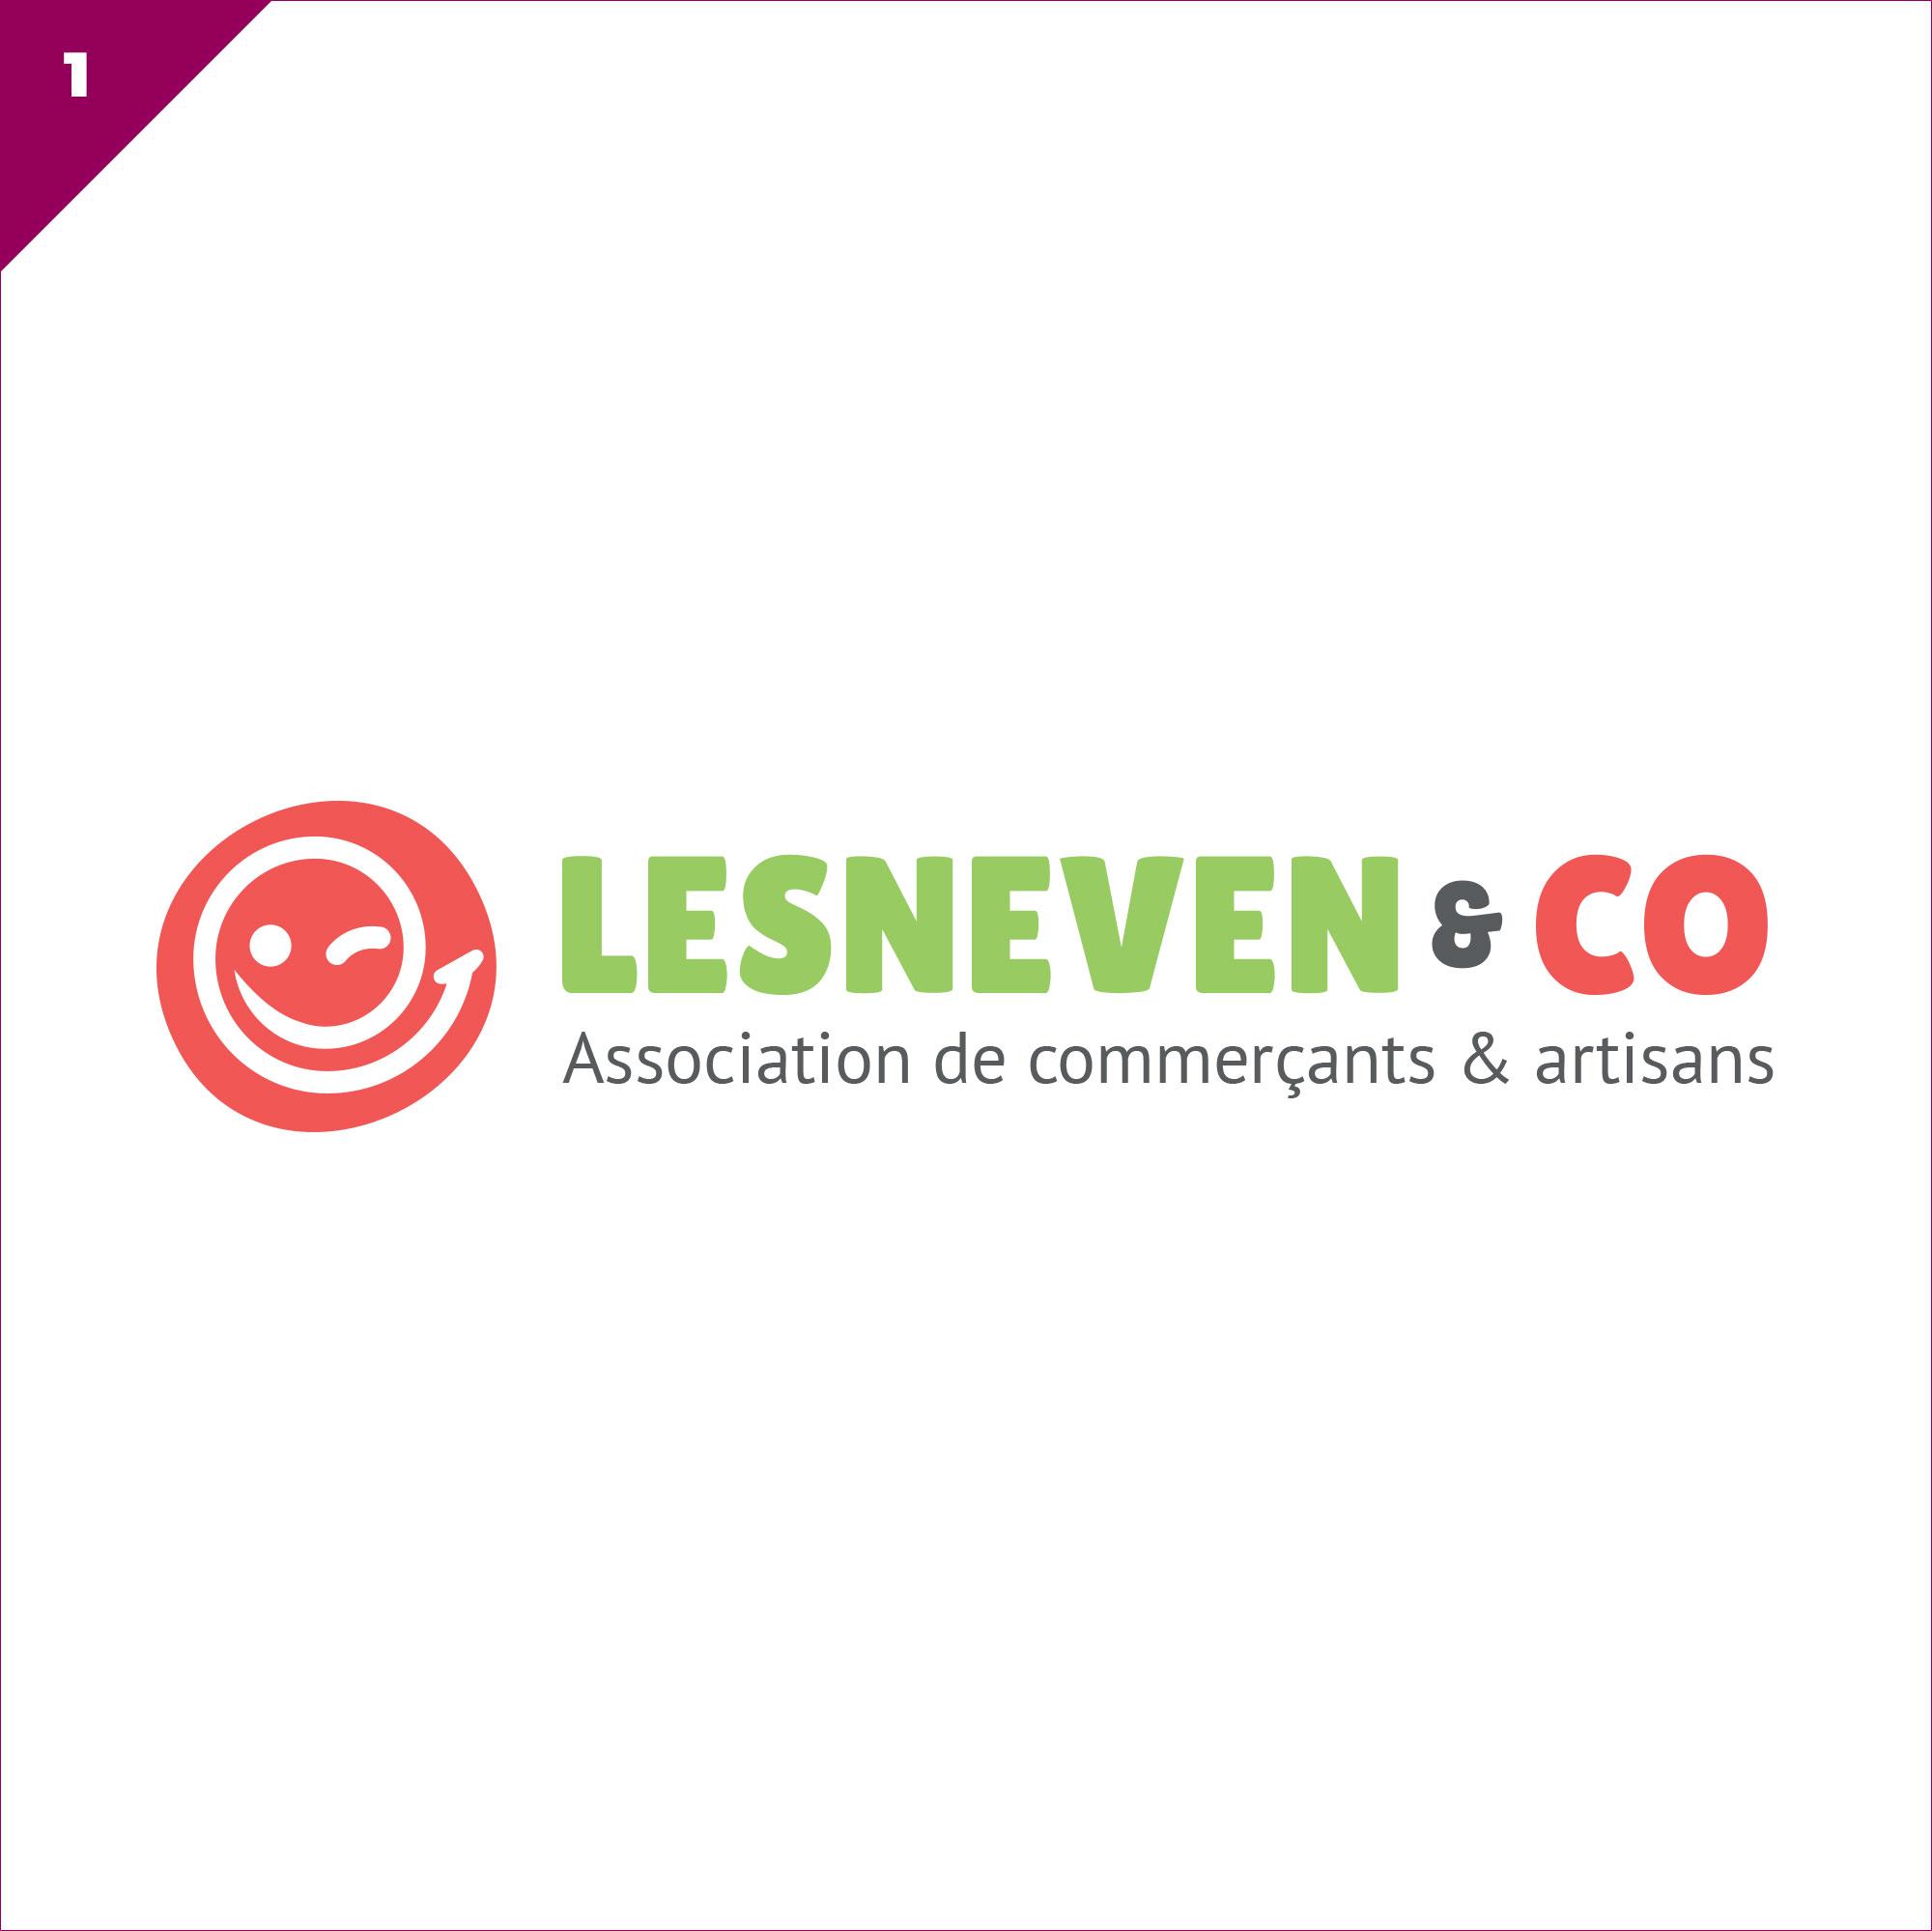 Identité visuelle Association de commerçants et artisans Lesneven & Co